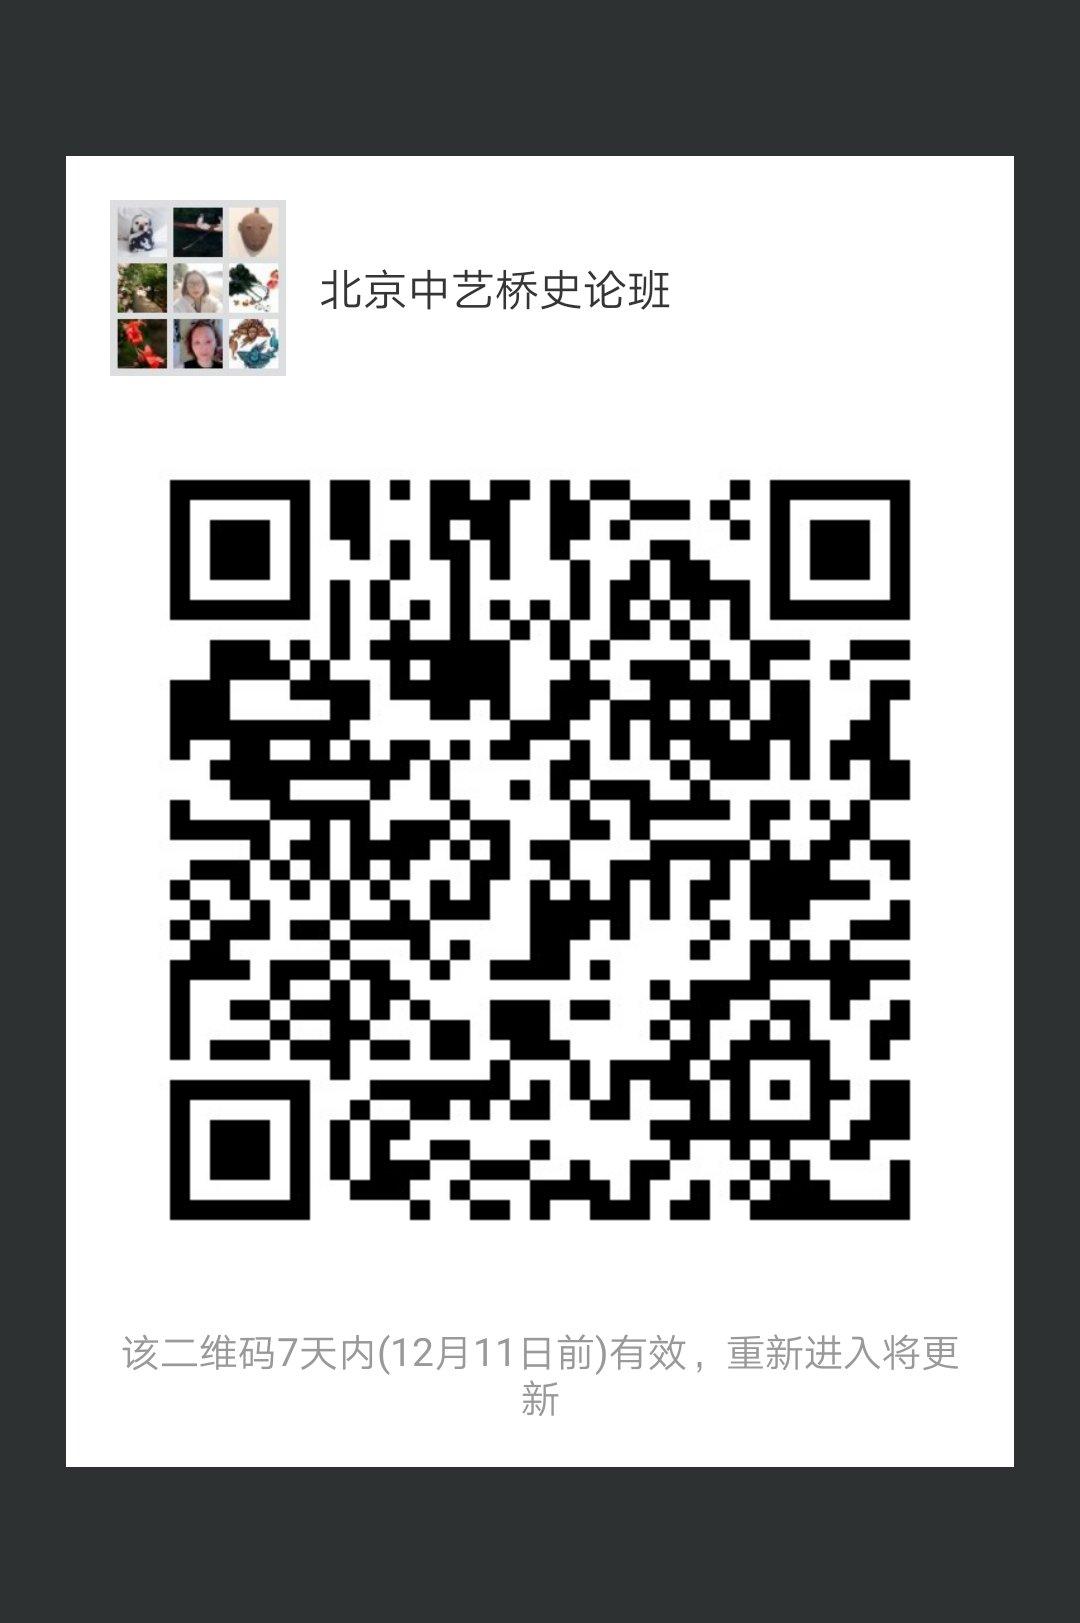 中艺桥二维码.jpg